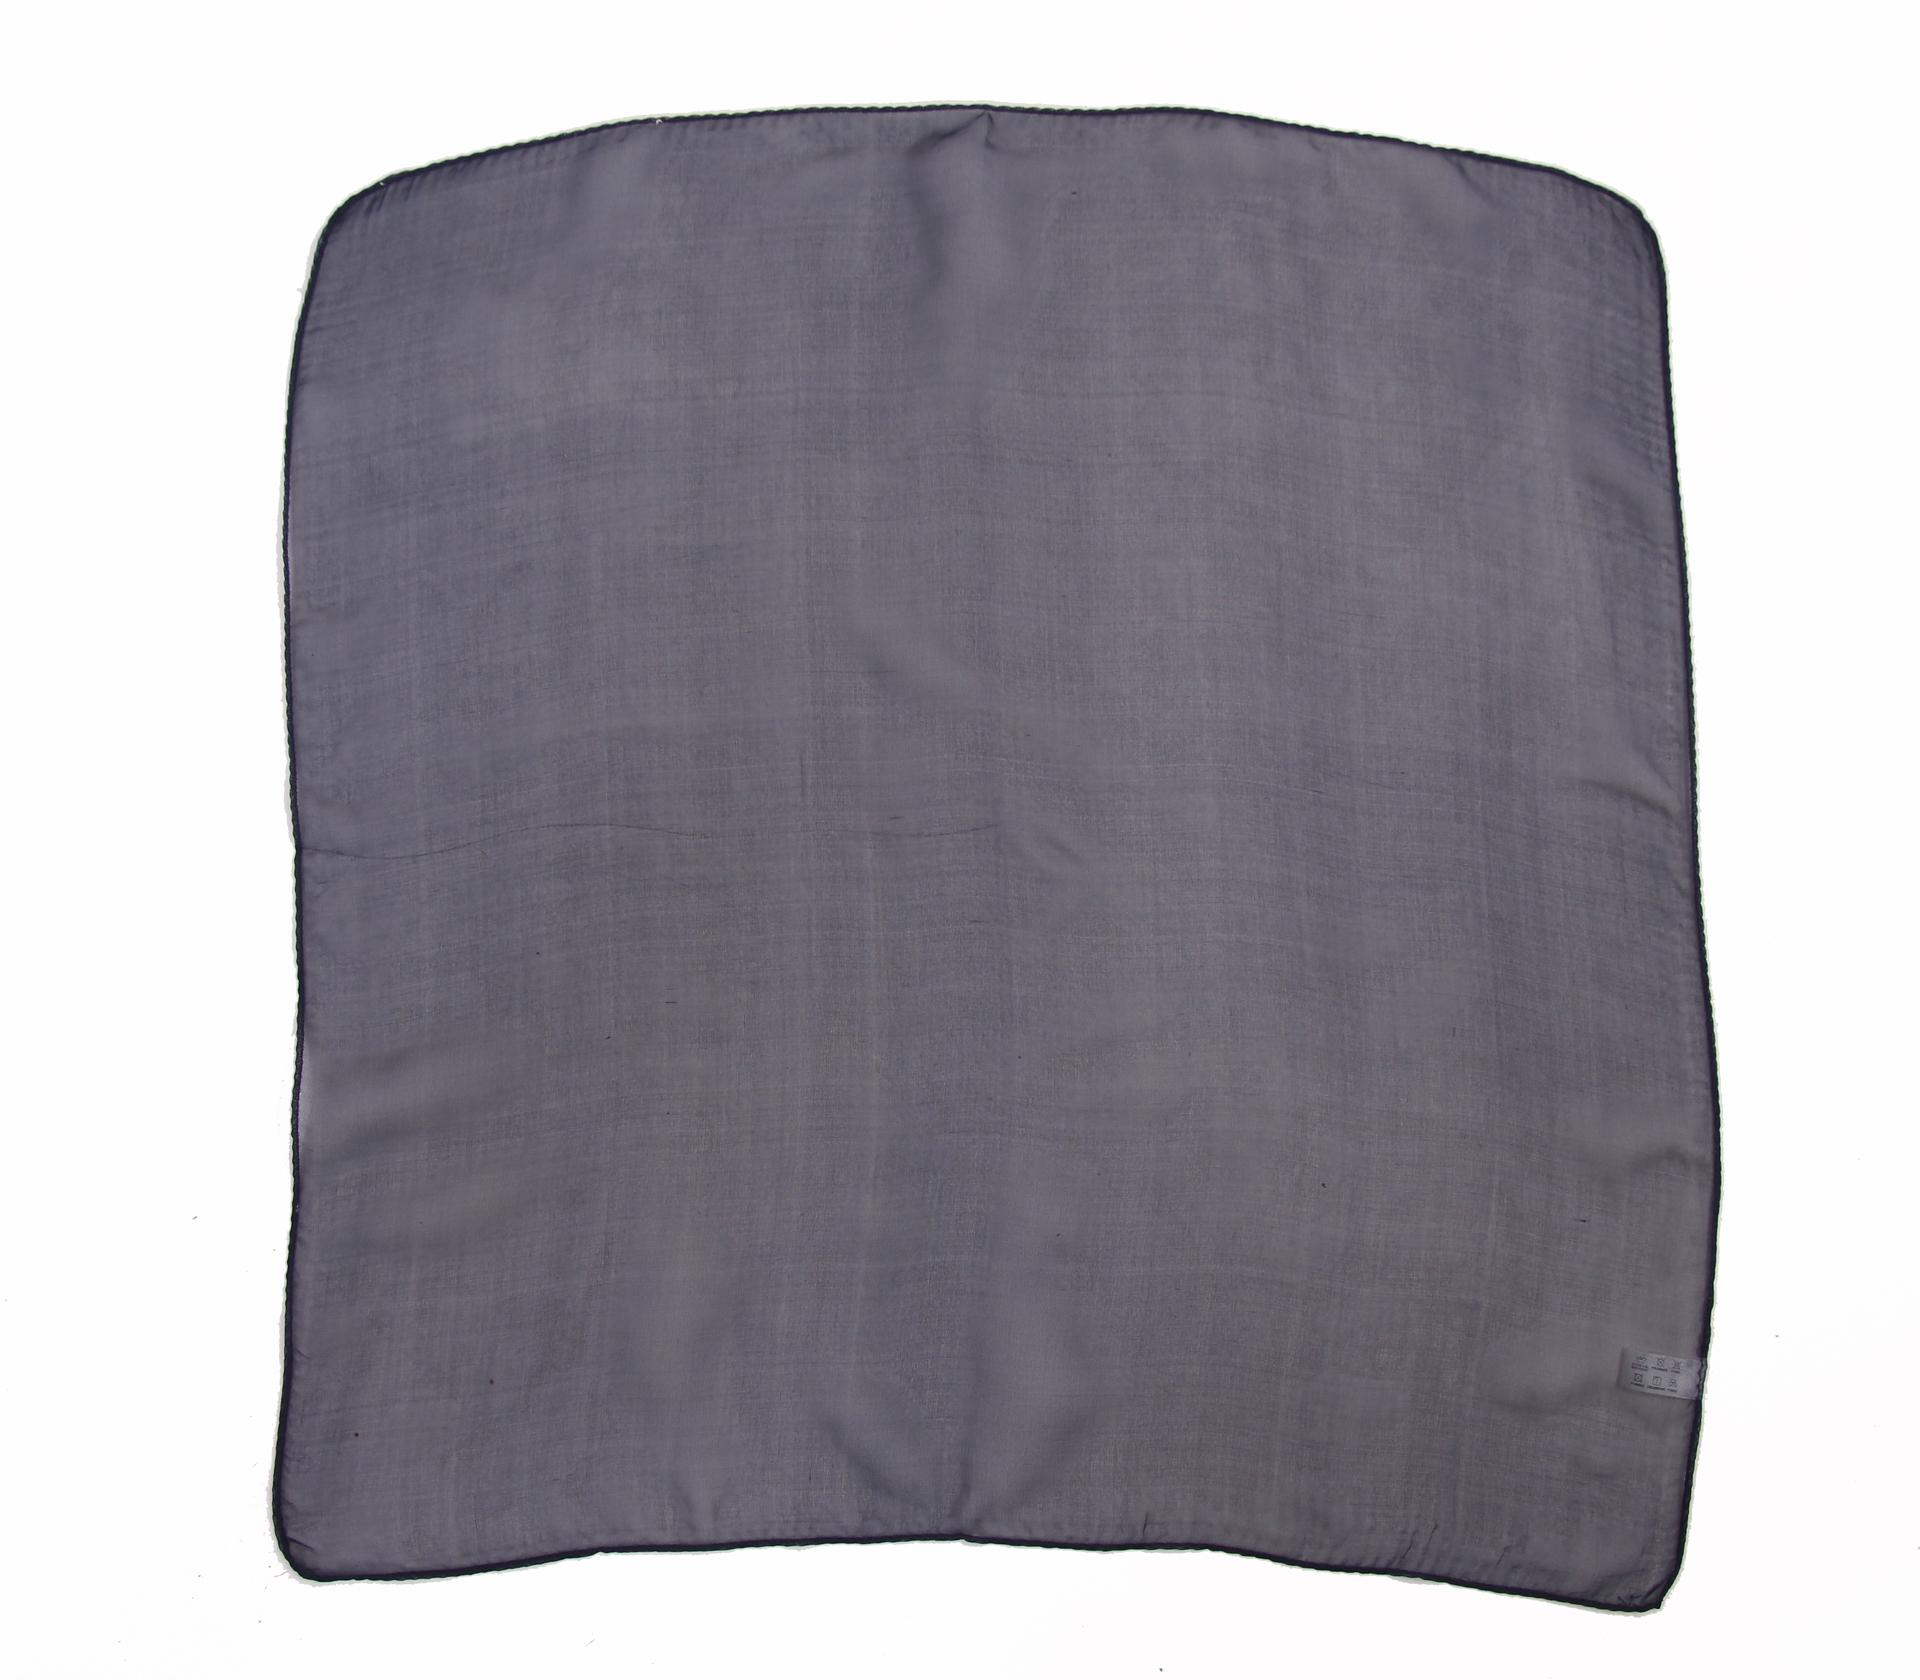 素面雪紡100%蠶絲絲巾50*50CM  - 1101 - 灰